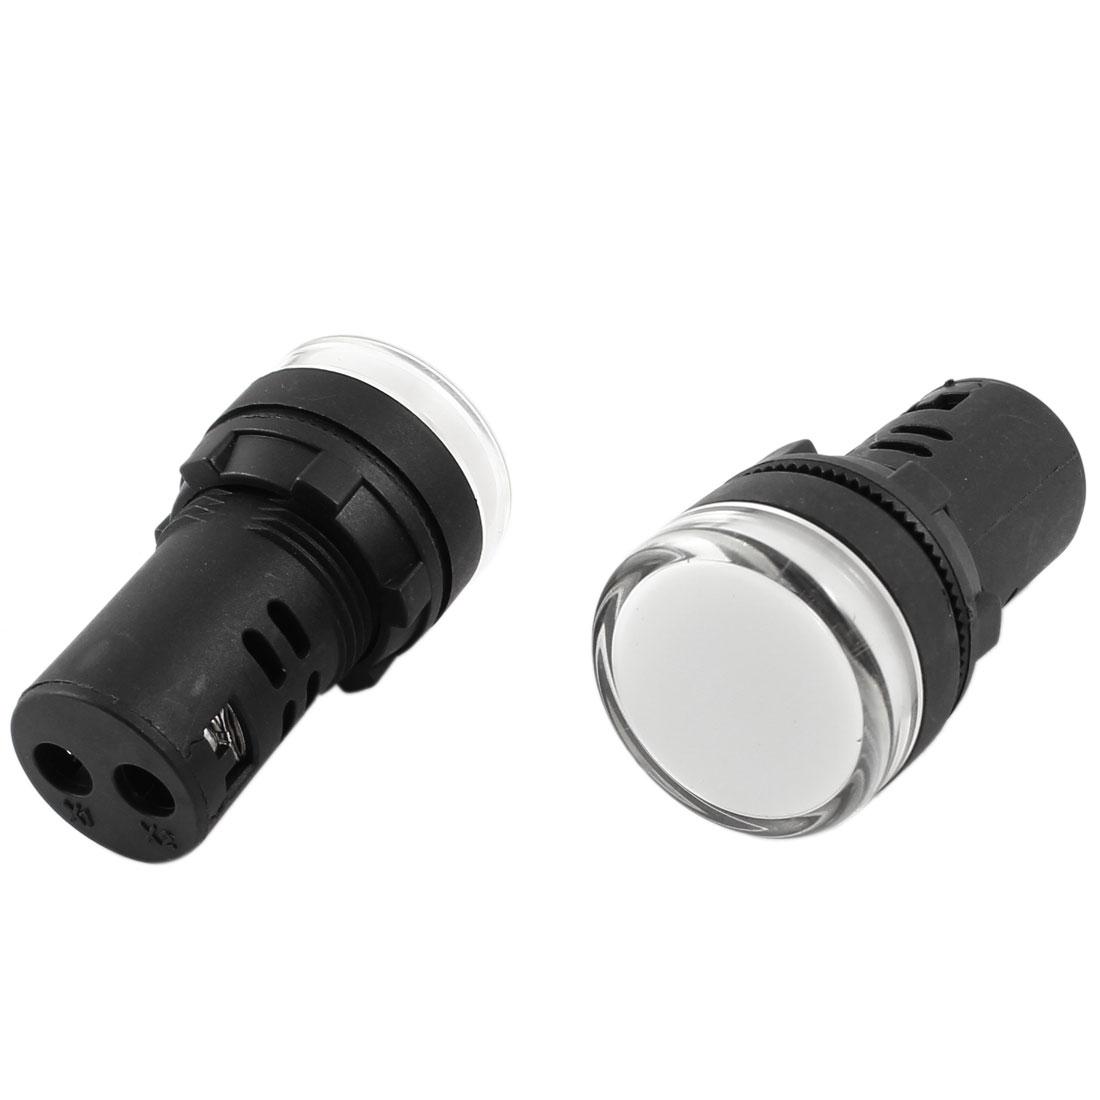 2Pcs AC/DC24V Energy Saving White LED Indicator Pilot Signal Light Lamp 22mm